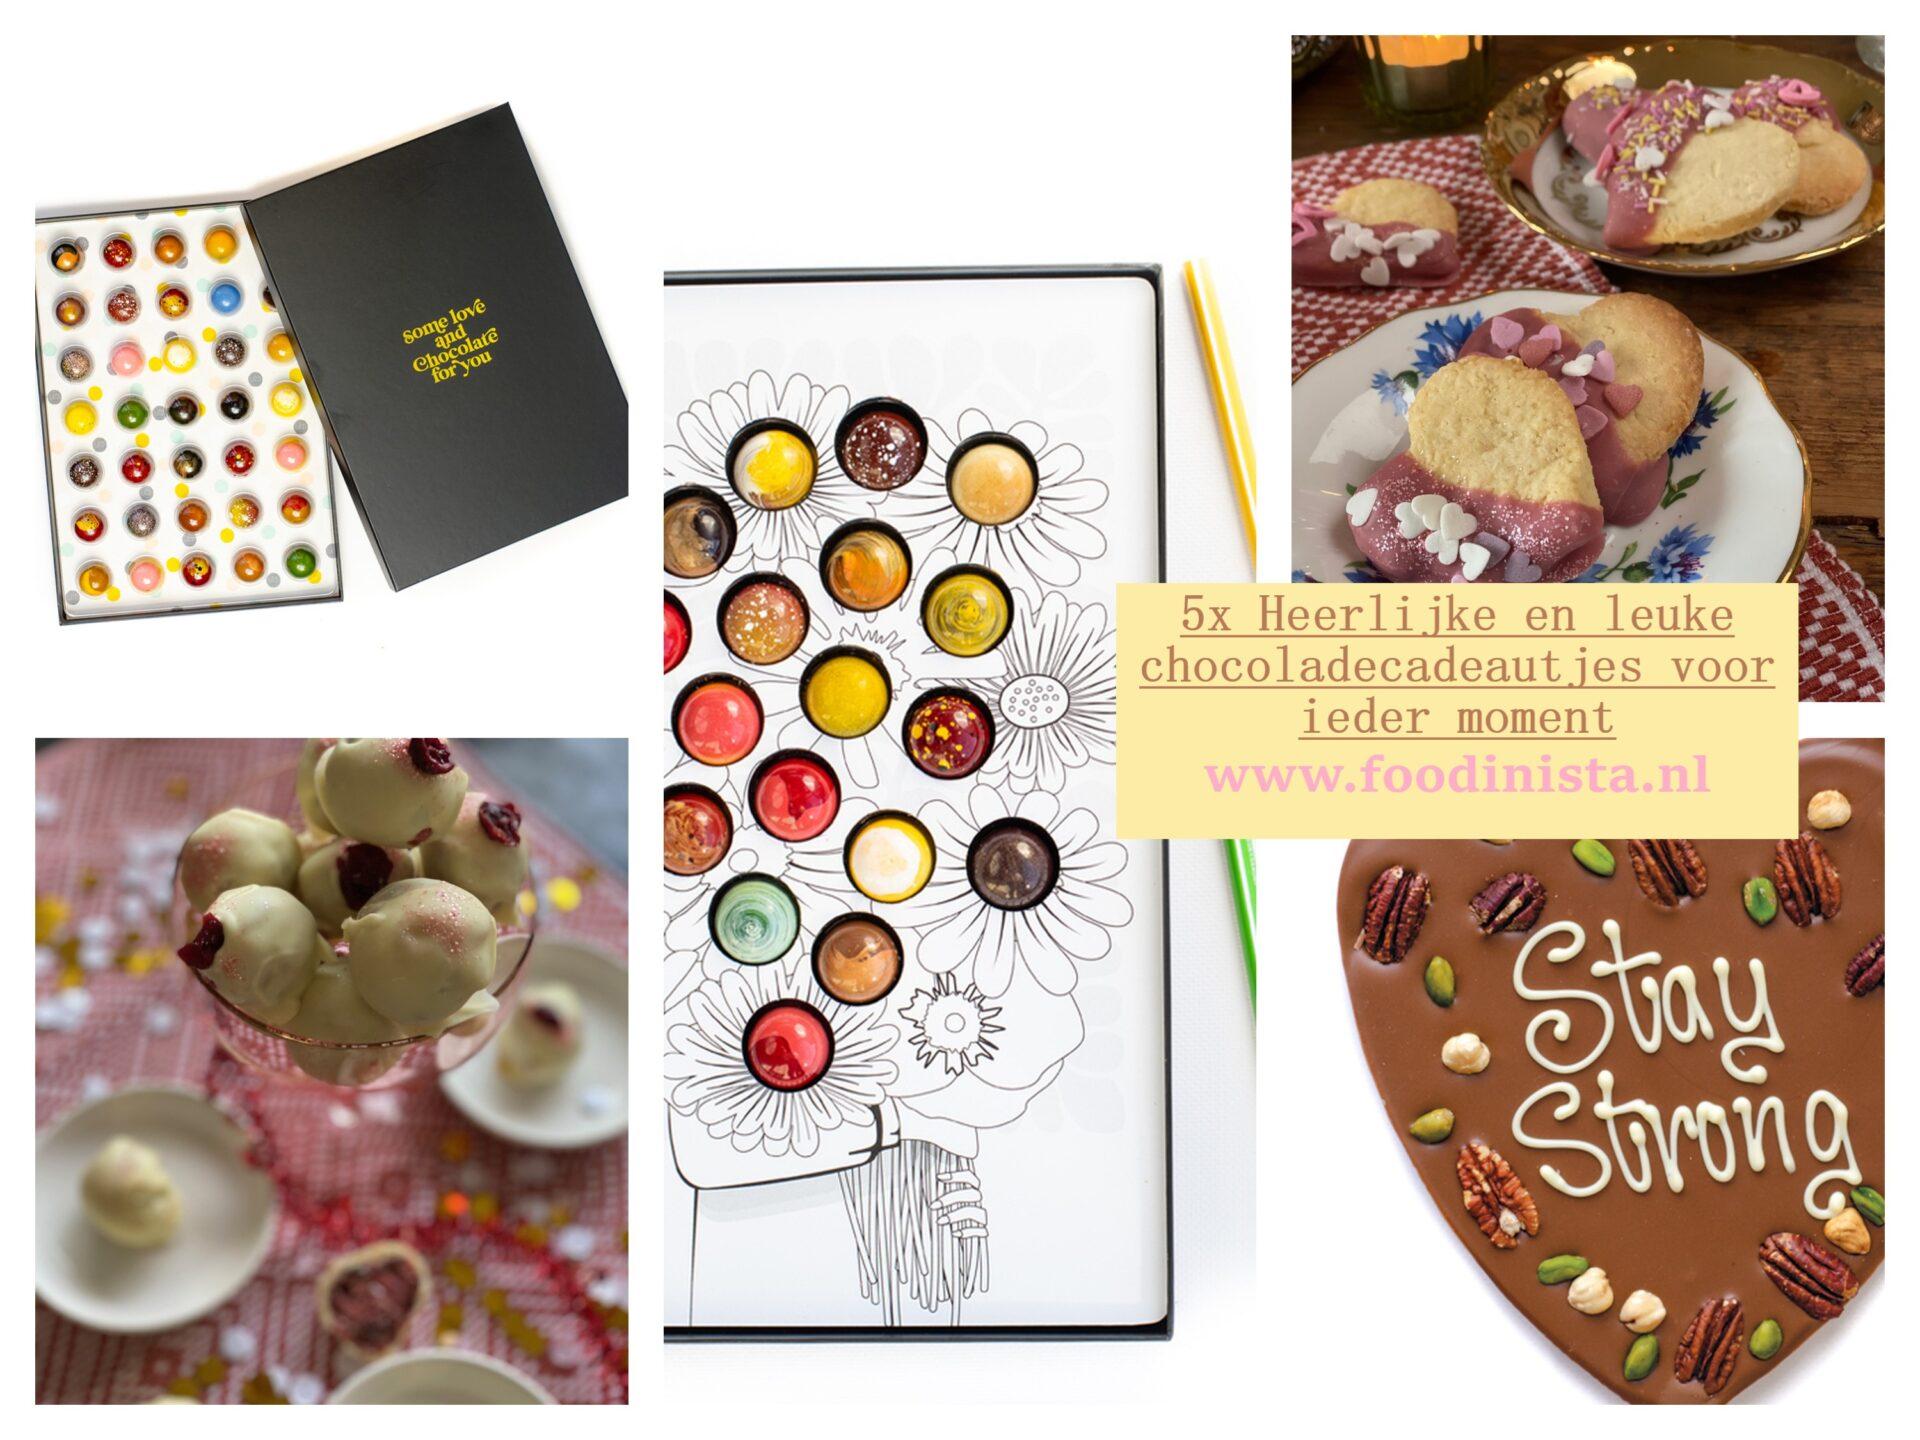 Voor ieder moment een chocolade cadeau - Foodblog Foodinista cadeautjes tips